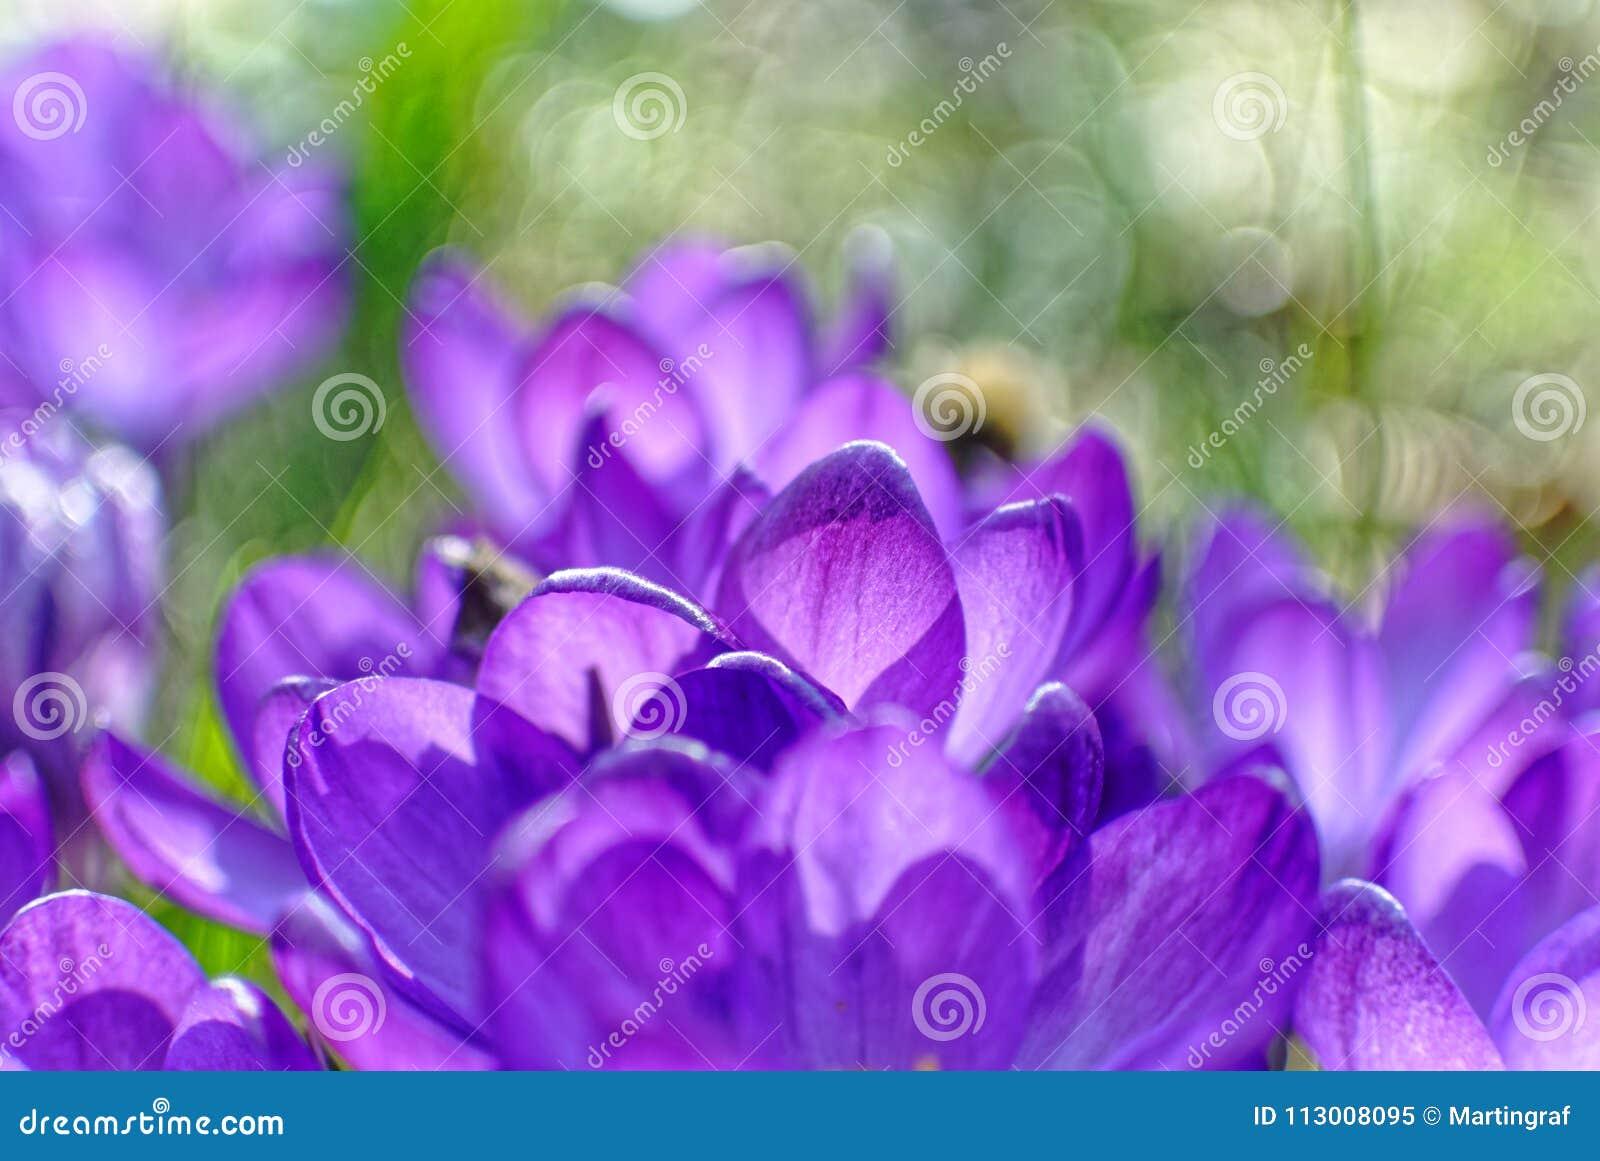 Violet petals Crocus bloom in garden, blurred image